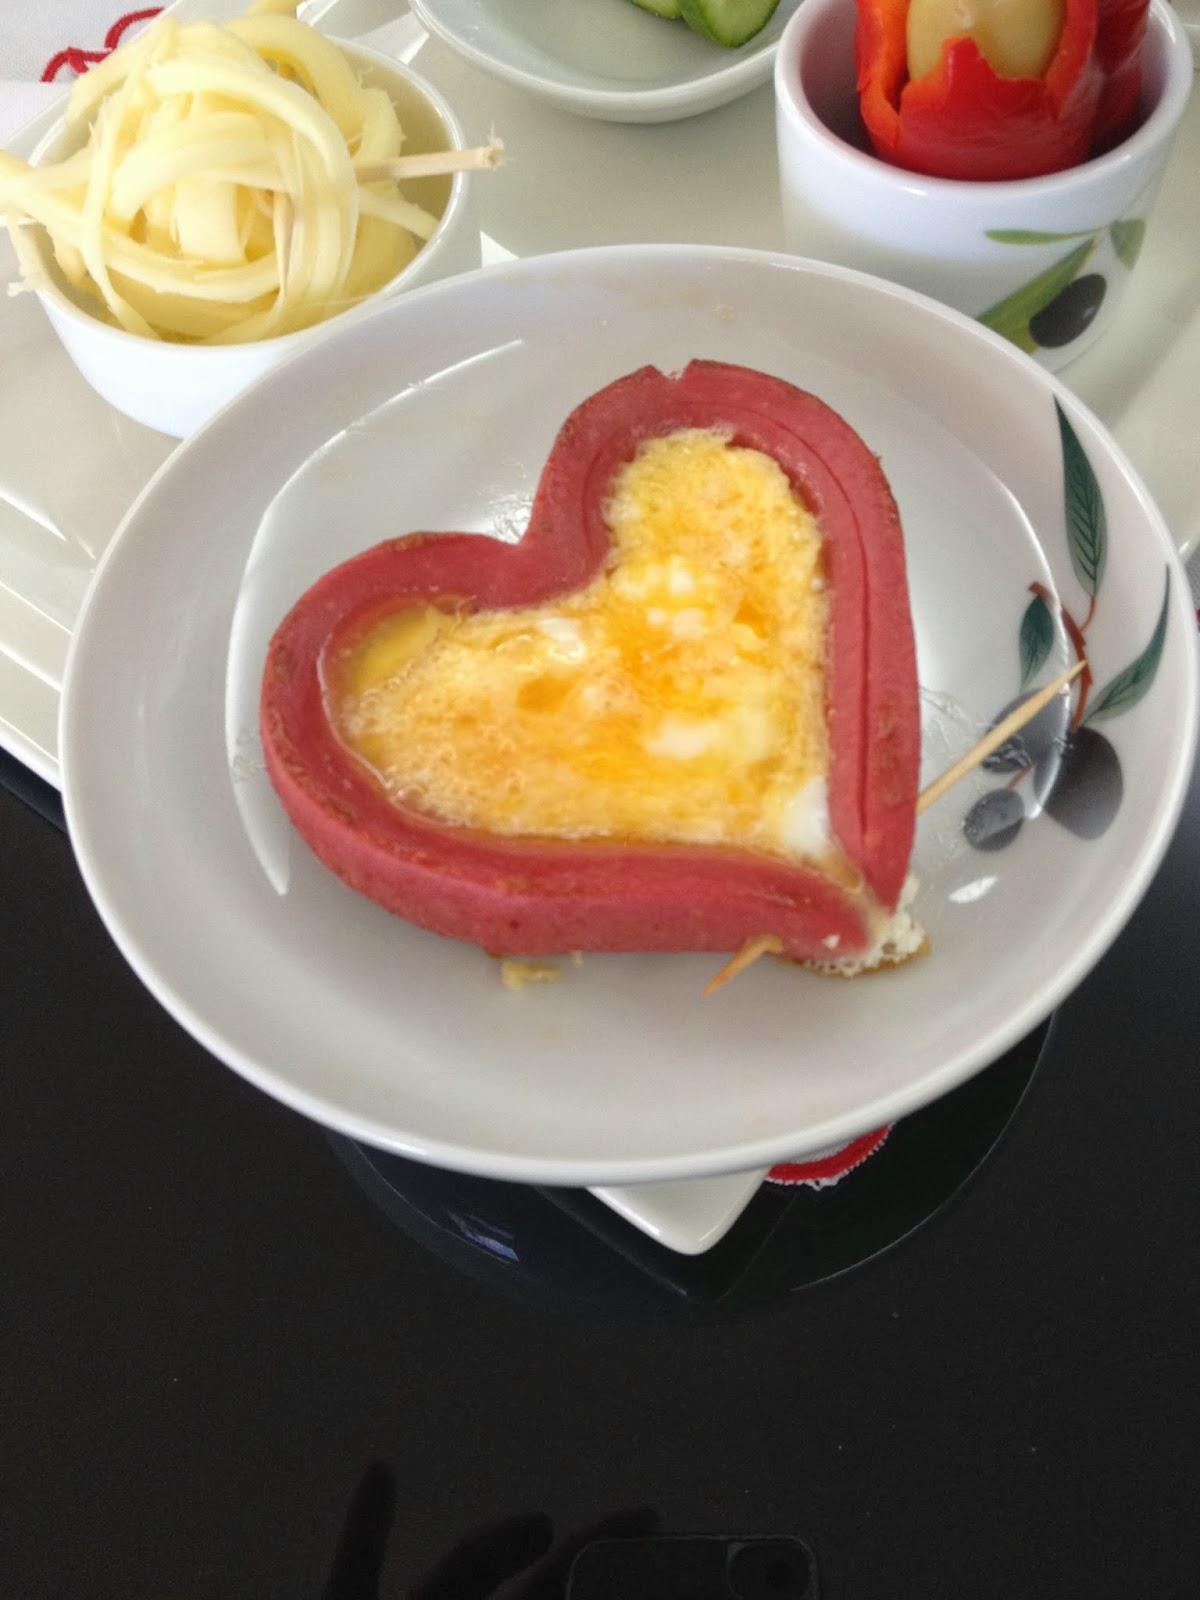 Kalp Sosisli Yumurta